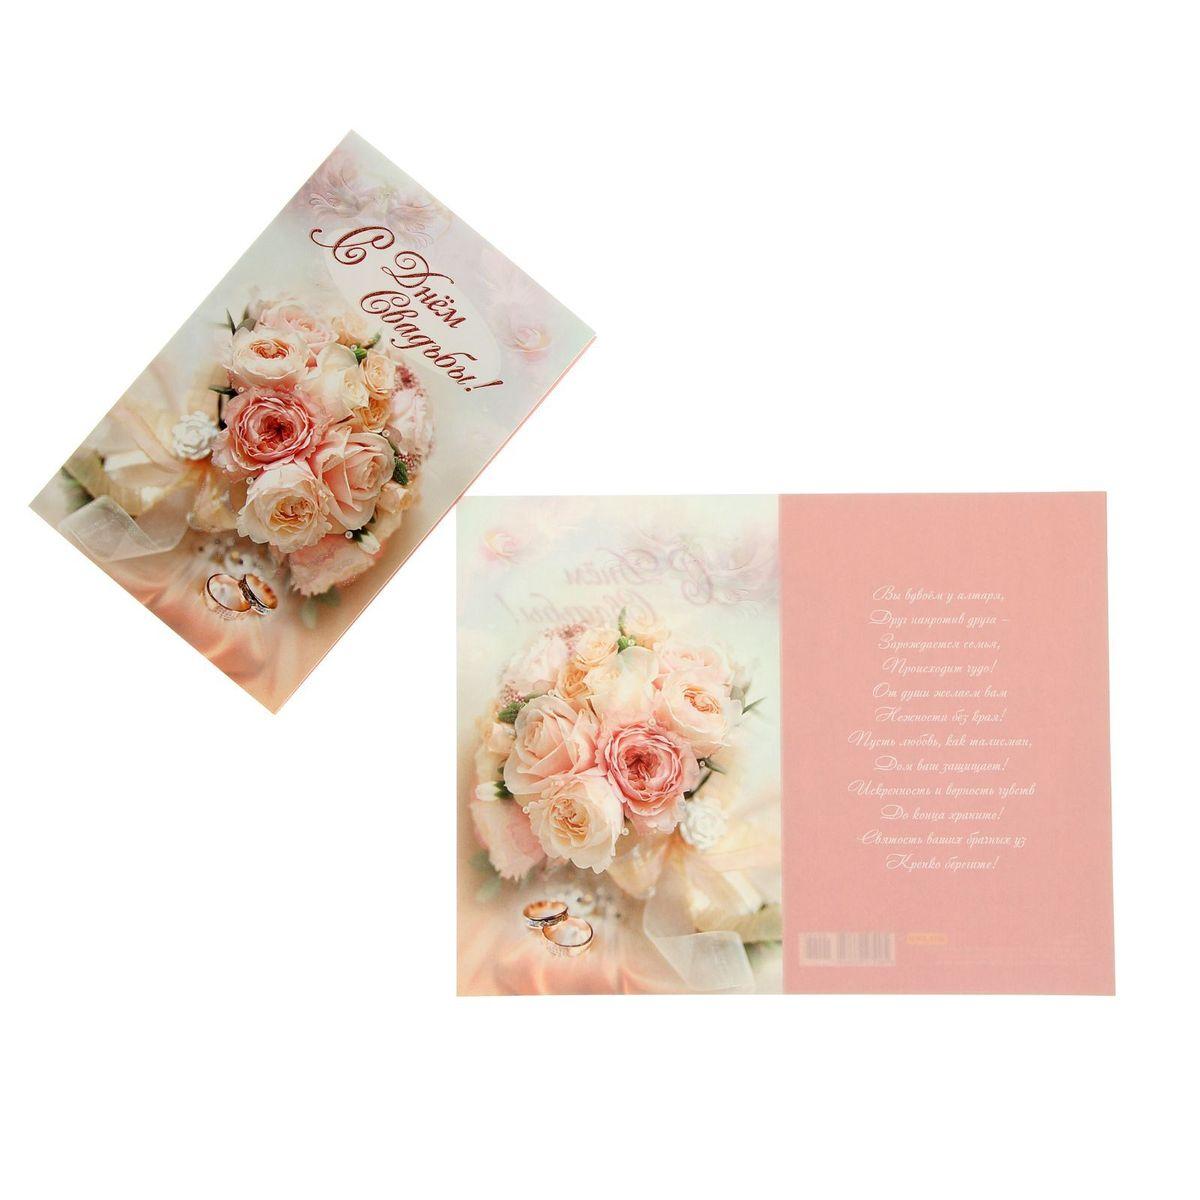 Открытка Миленд С днем свадьбы! Букет розRG-D31SЕсли вы хотите порадовать себя или близких, создать праздничное настроение и с улыбкой провести памятный день, то вы, несомненно, сделали правильный выбор! Открытка Миленд С днем свадьбы! Букет роз, выполненная из плотной бумаги, отличается не только оригинальным дизайном, но и высоким качеством.Лицевая сторона изделия оформлена ярким изображением. Внутри открытка содержит текст с поздравлением.Такая открытка непременно порадует получателя и станет отличным напоминанием о проведенном вместе времени.